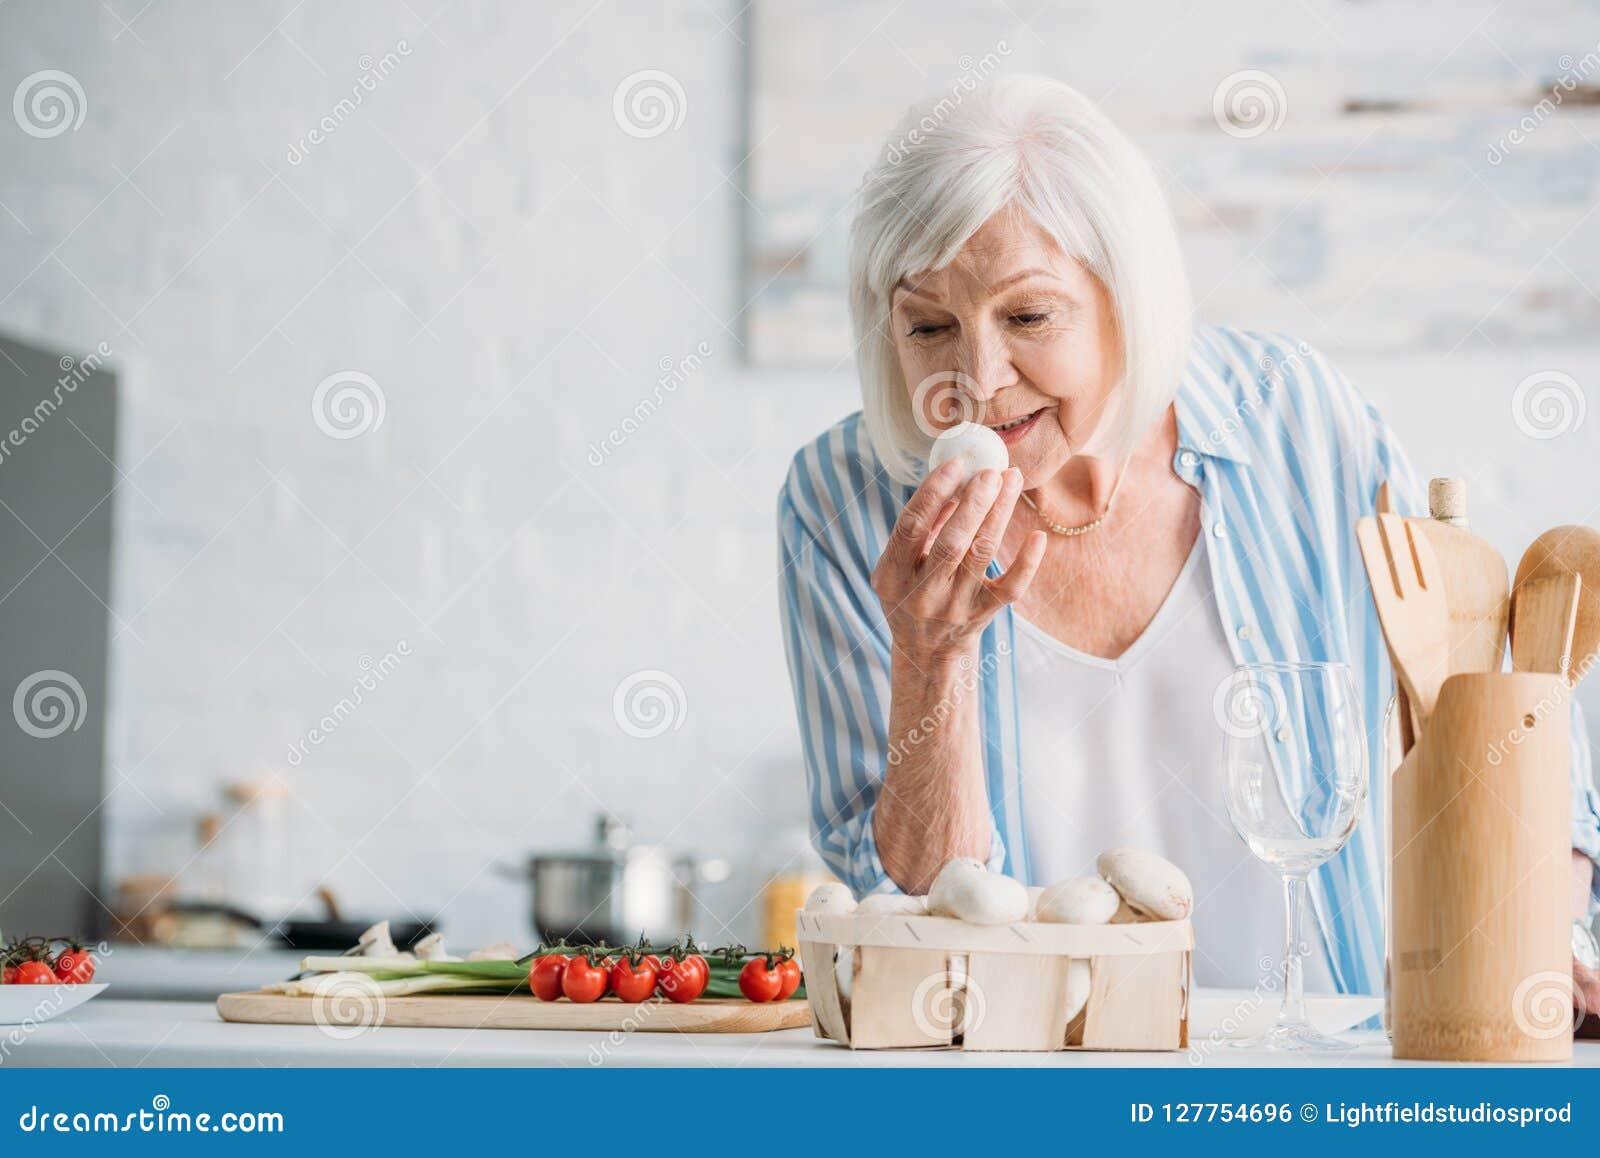 Portrait de la dame grise de cheveux vérifiant des champignons tout en faisant cuire le dîner au compteur